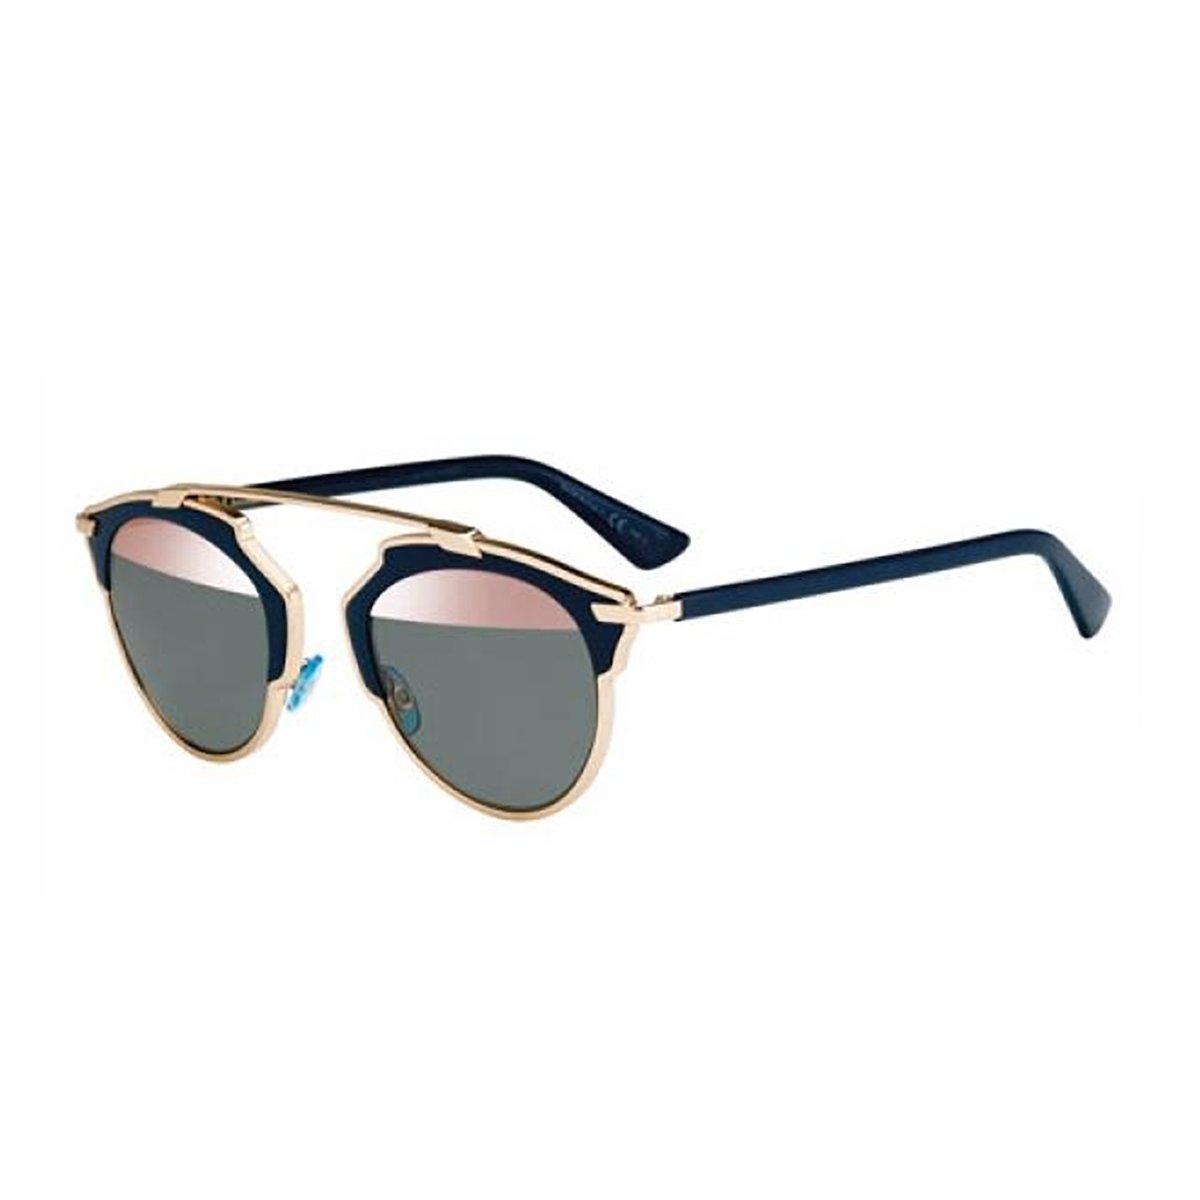 83c5d9c93fc Compre Óculos de Sol Dior Soreal em 10X